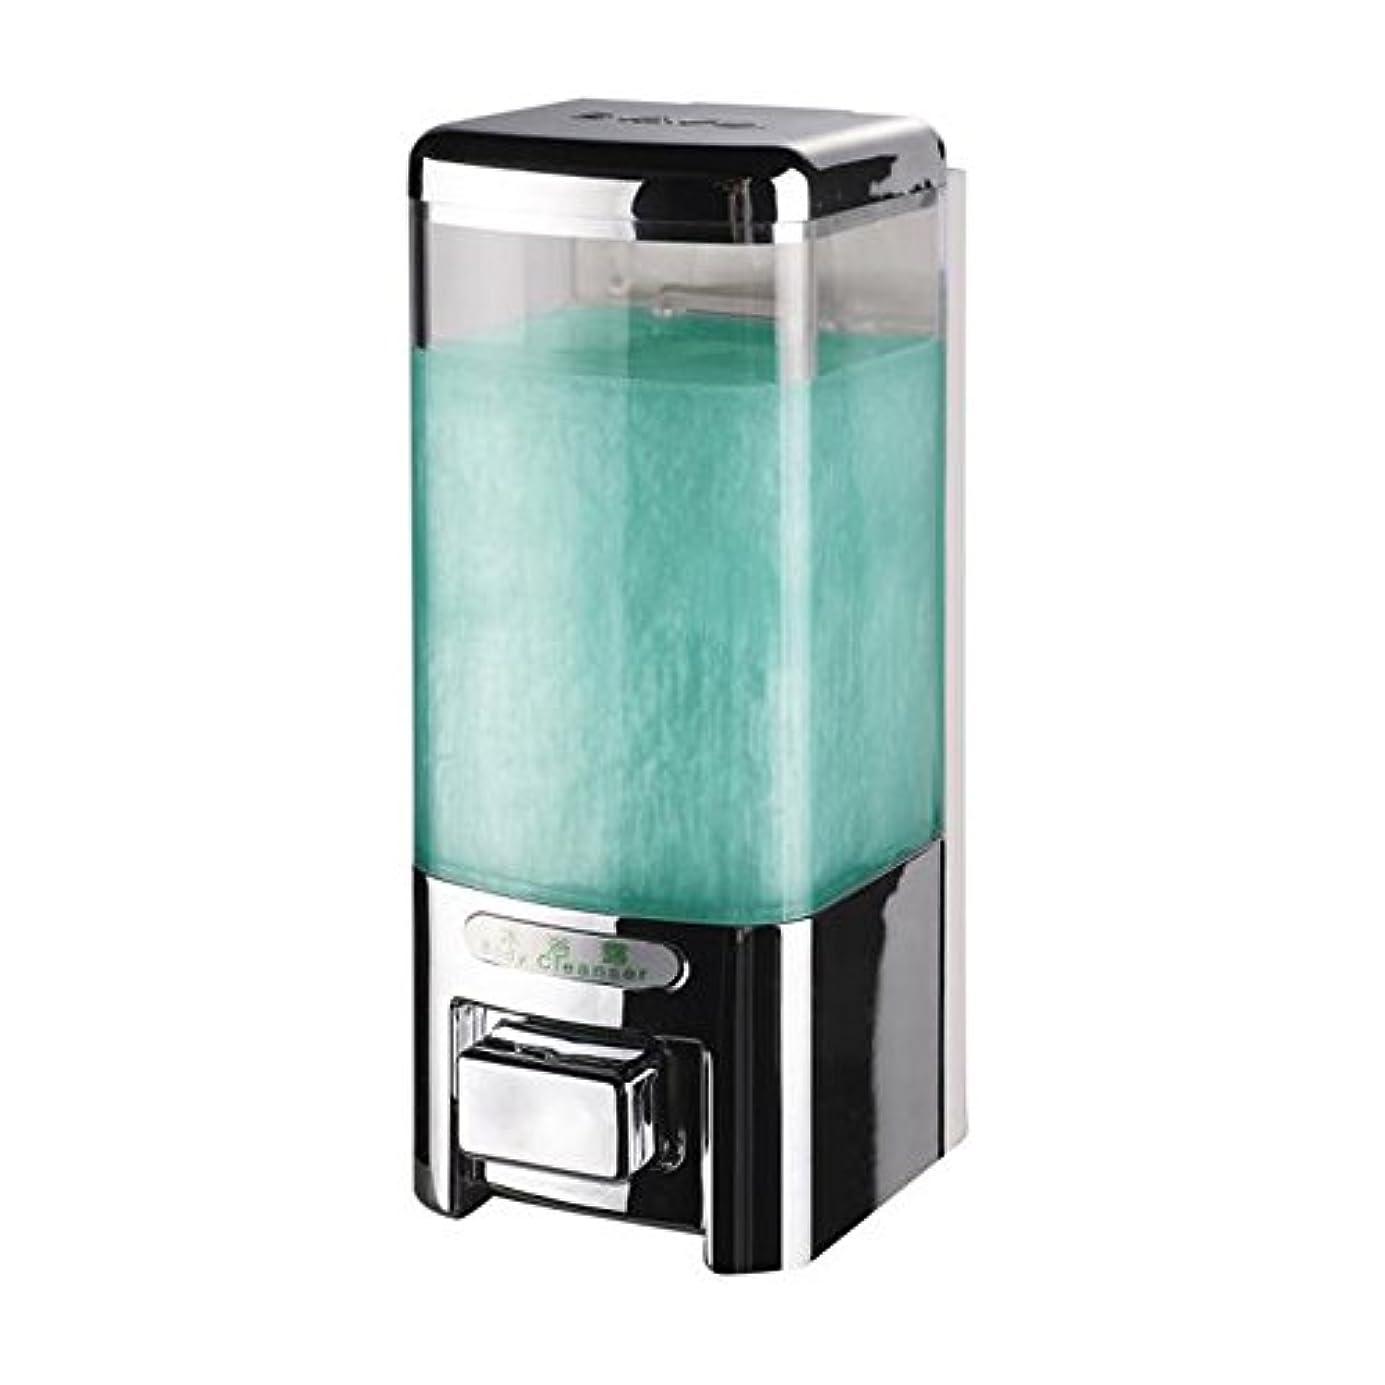 ステーキ理由オズワルドSvavo v-8101プラスチック壁マウントHand Soap Dispenser forホテルキッチンバスルームホワイト、クロム500 ml 1のパック V-8101-Chrome